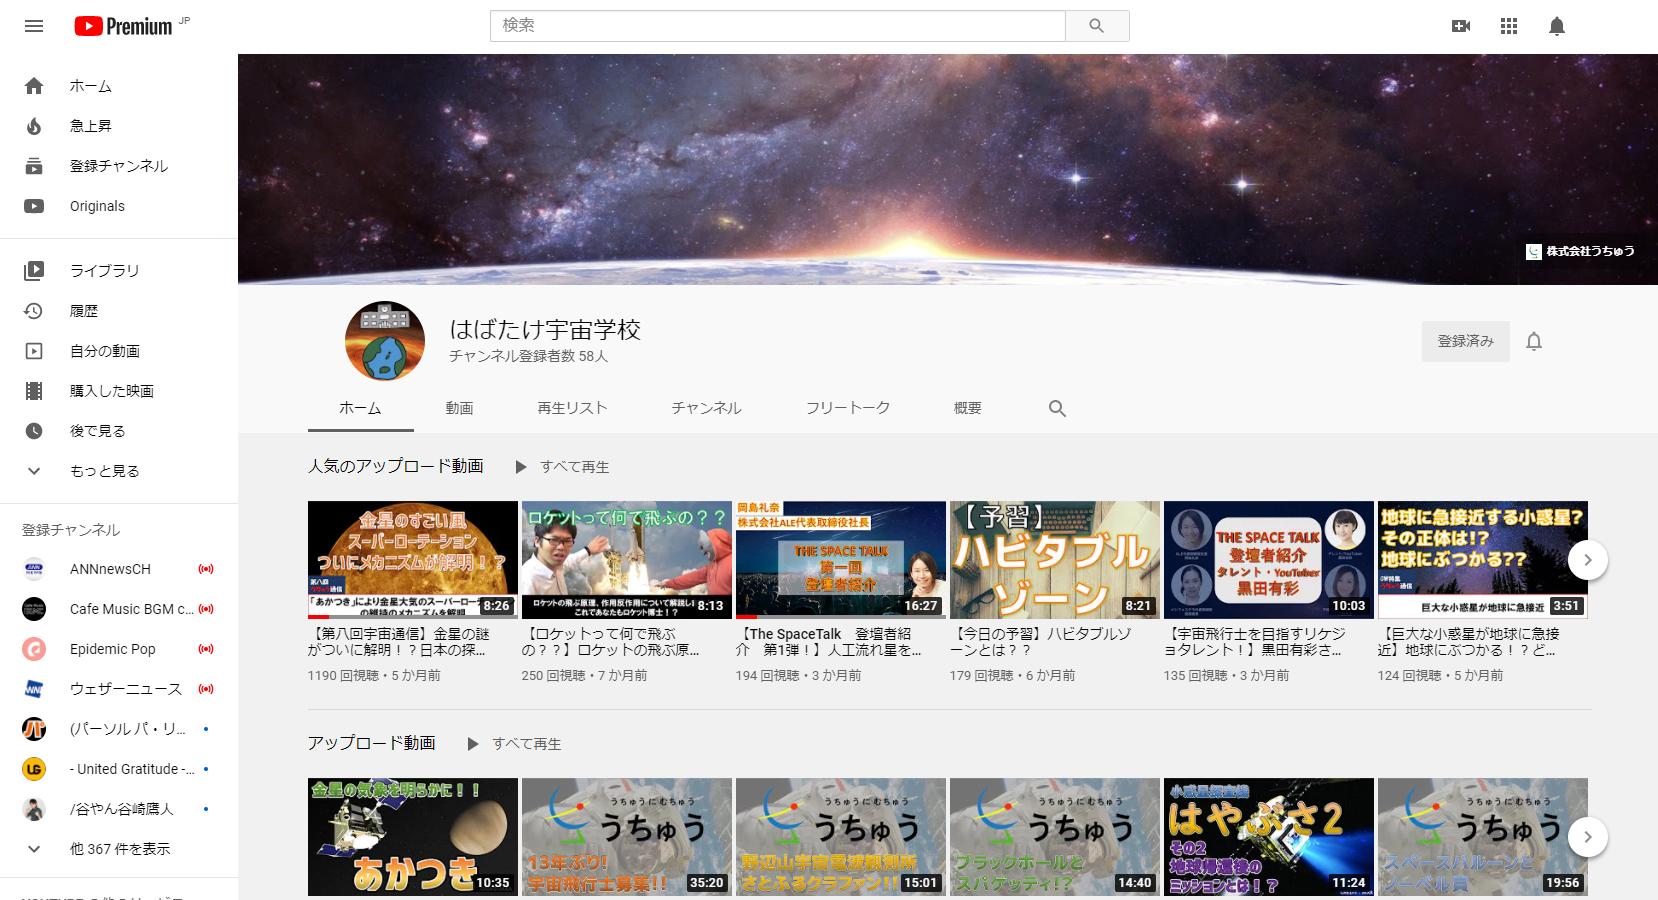 株式会社うちゅう YouTube 開設!!